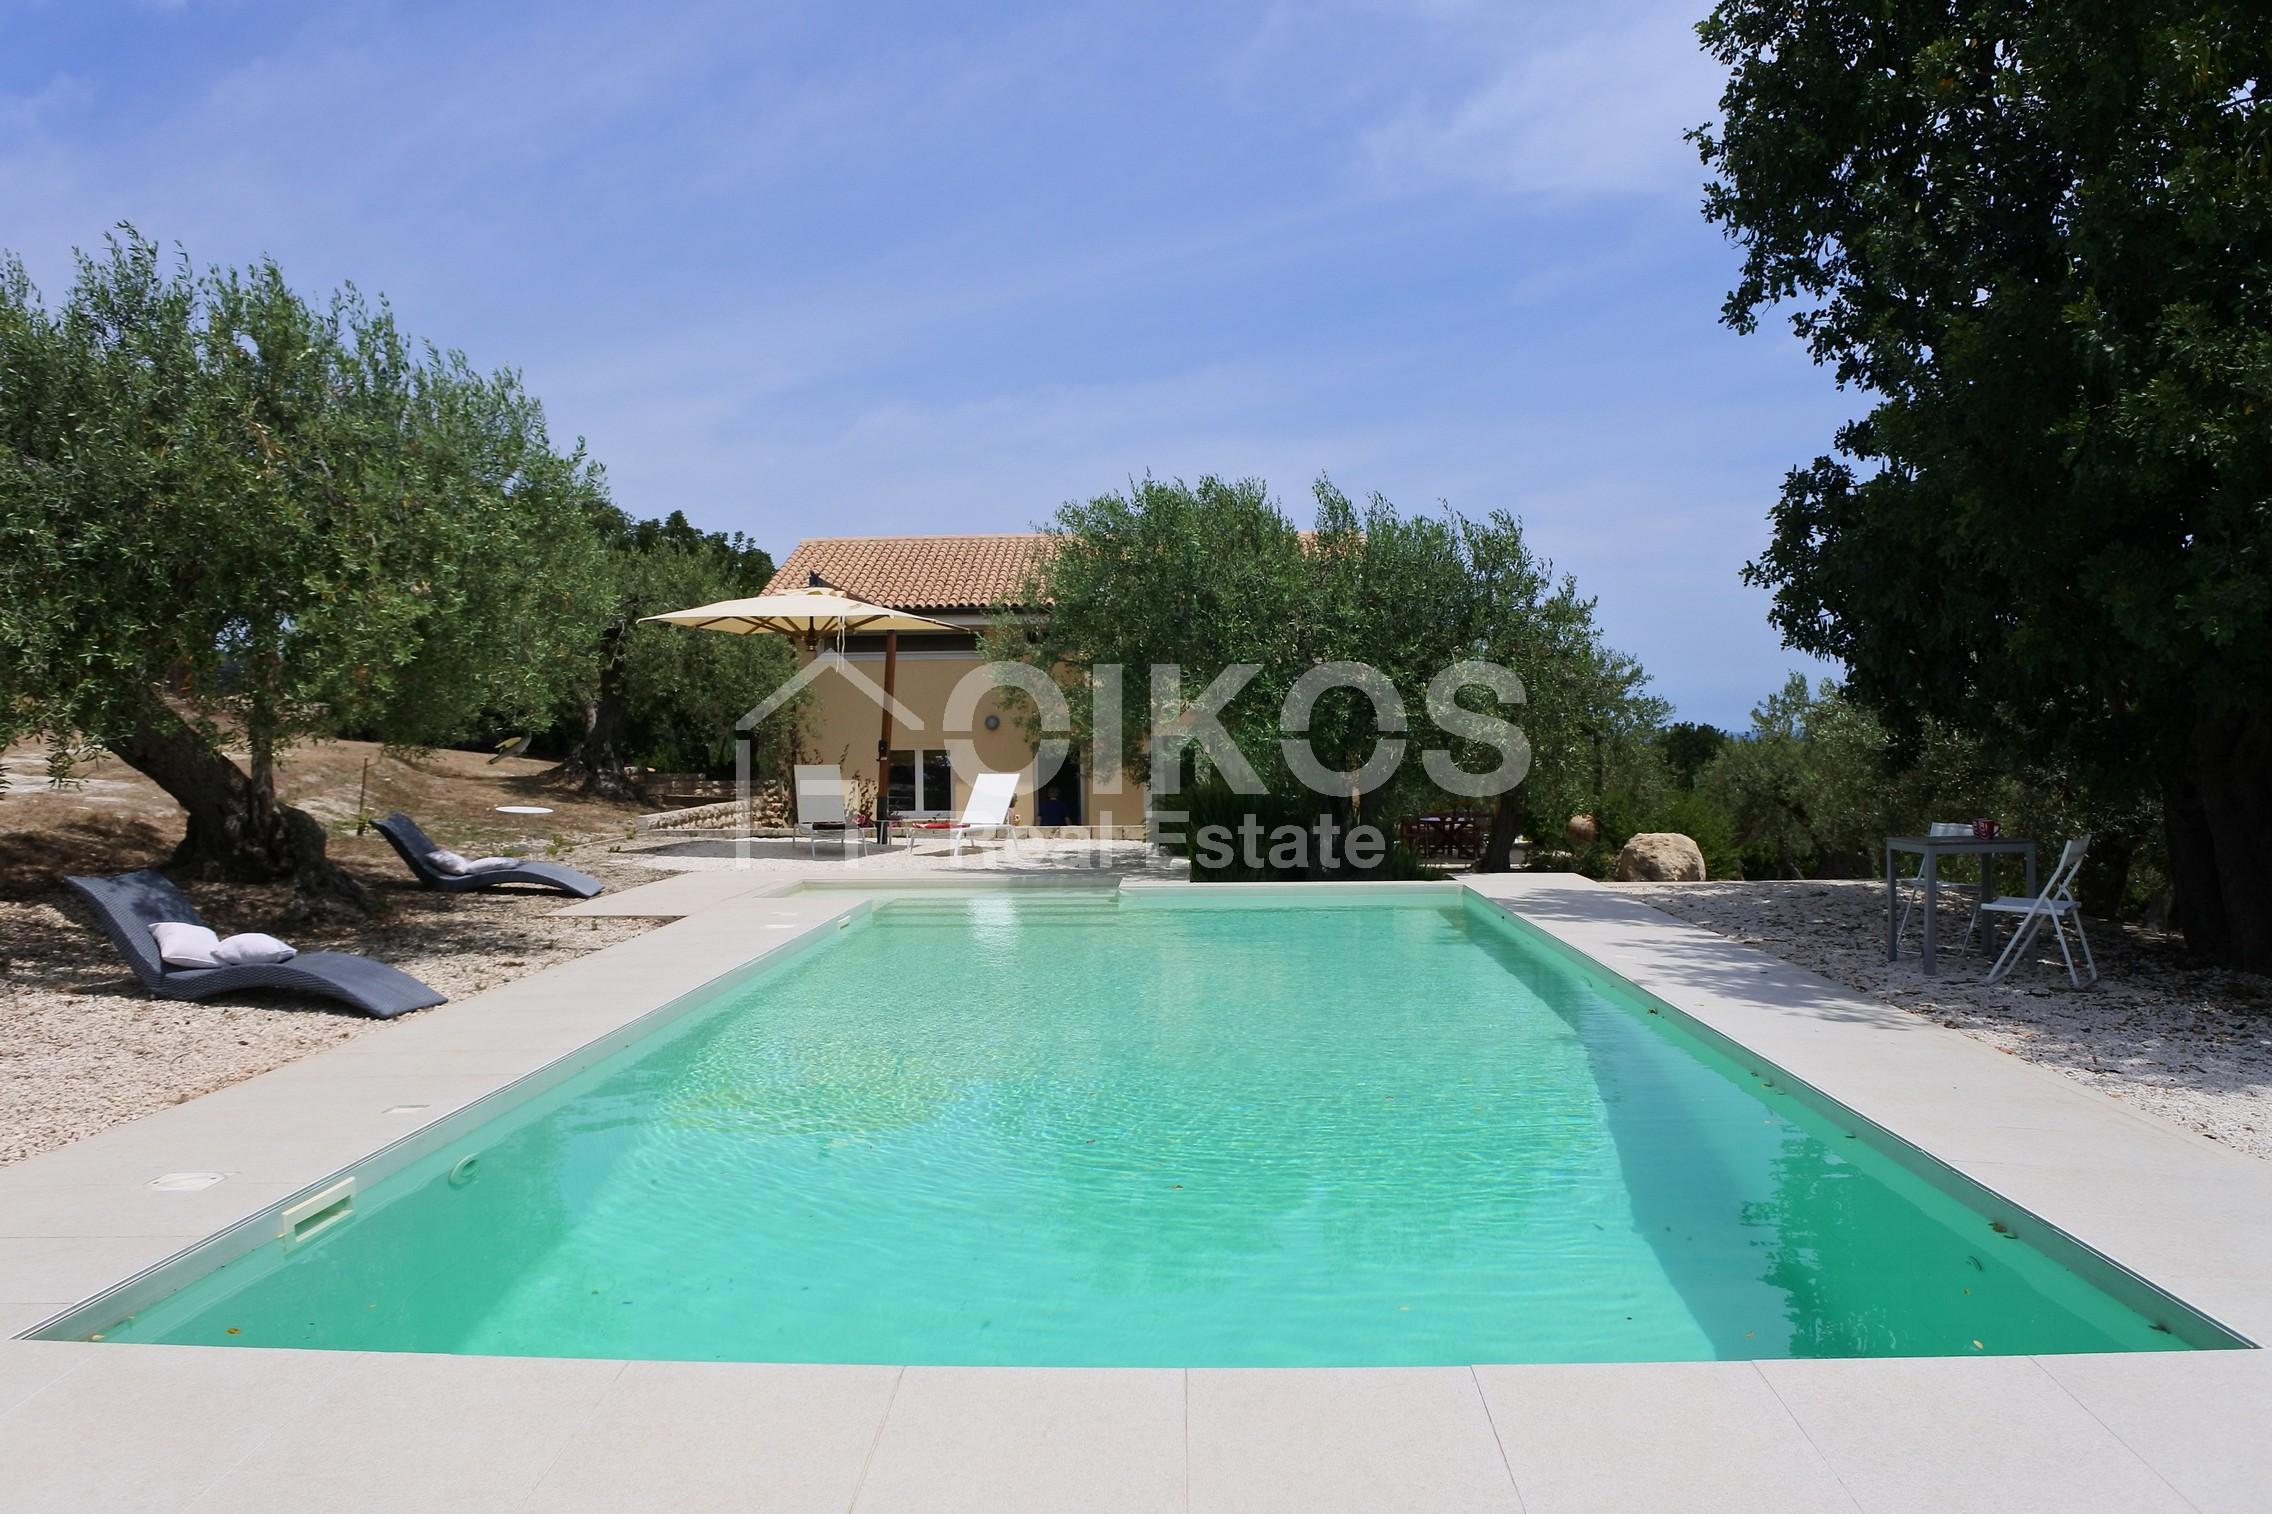 Villa tra gli ulivi (21)